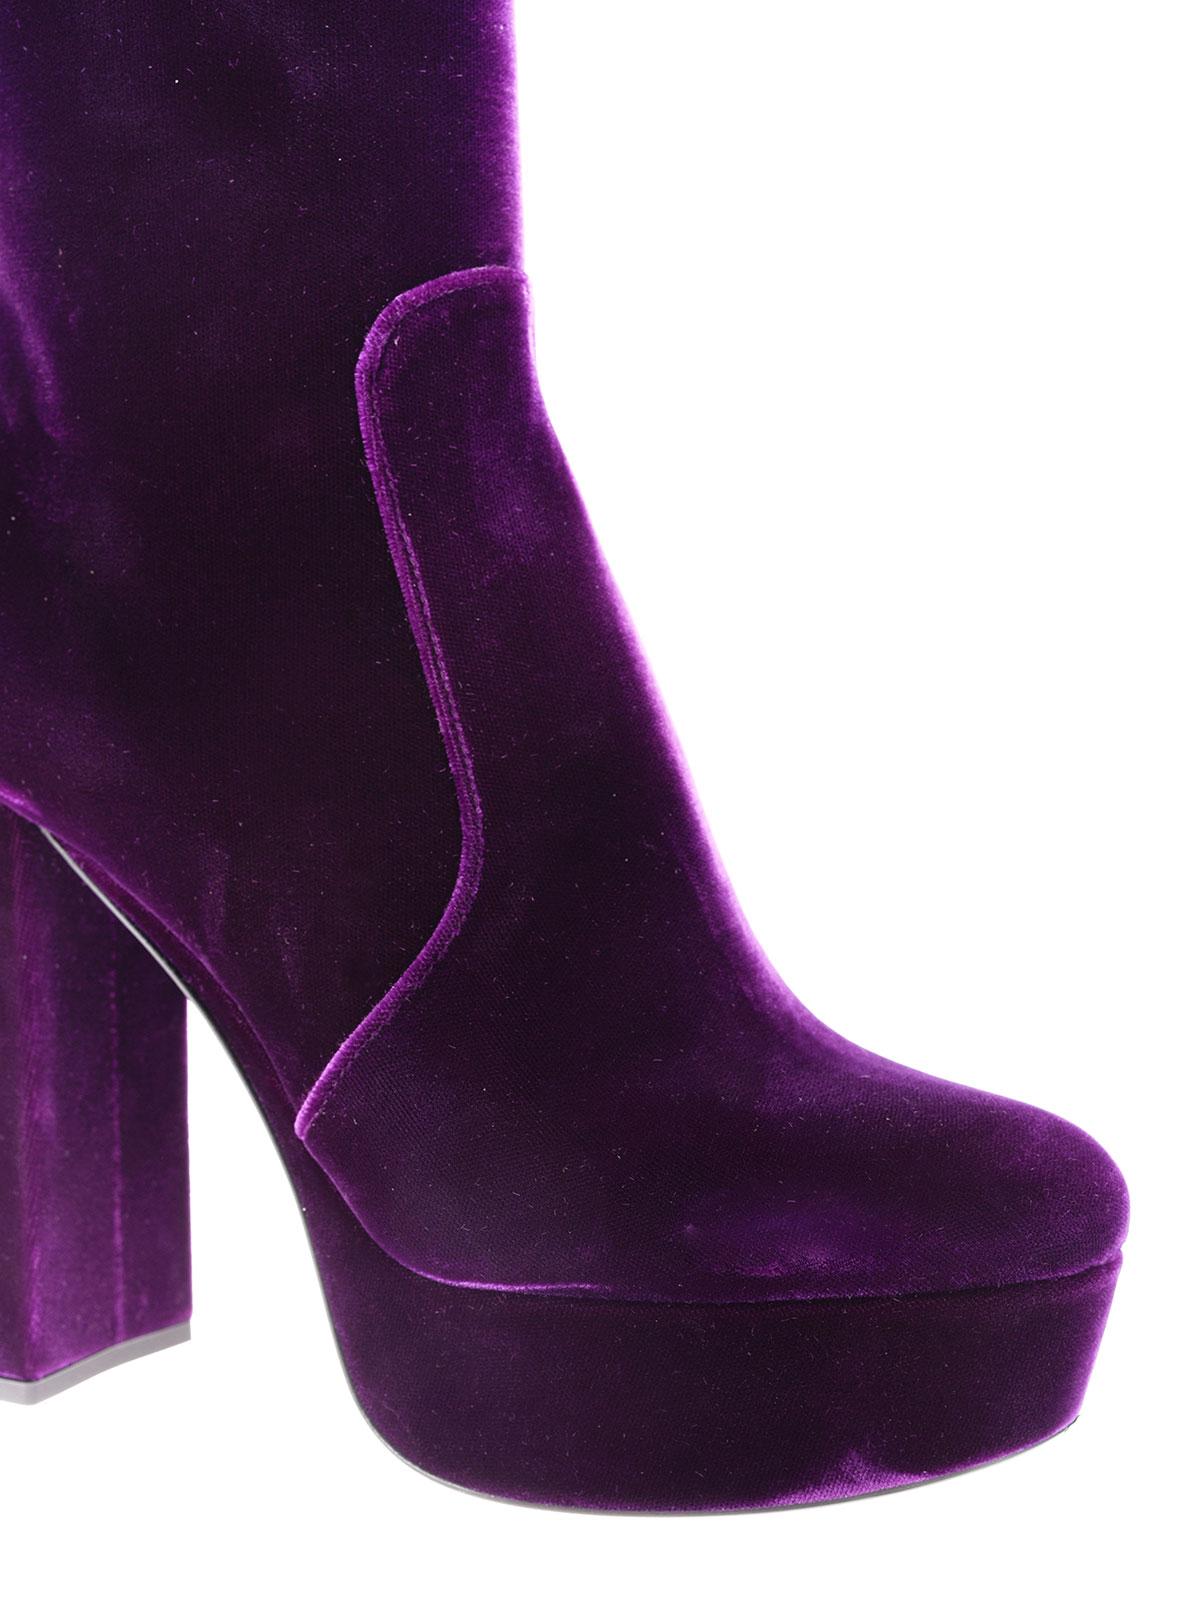 f07c7af9e2c1 Prada - Velvet platform ankle boots - ankle boots - 1TP221 068 F0531